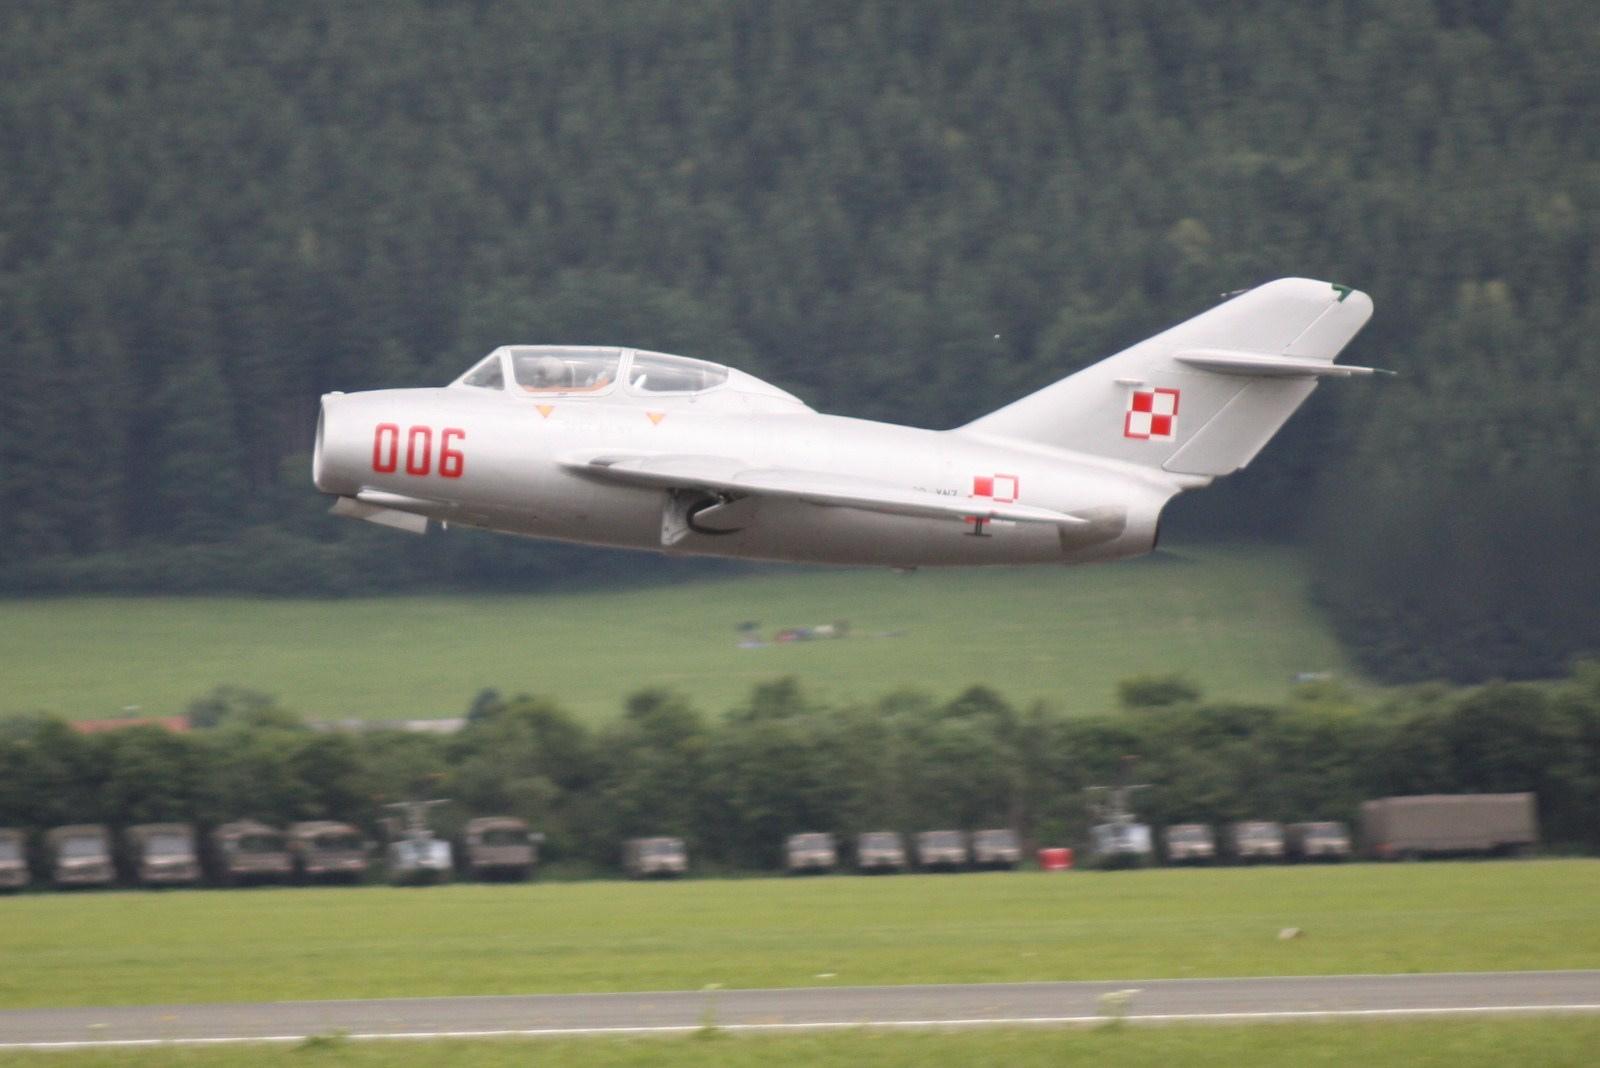 A Polish MiG-15/Lim-2